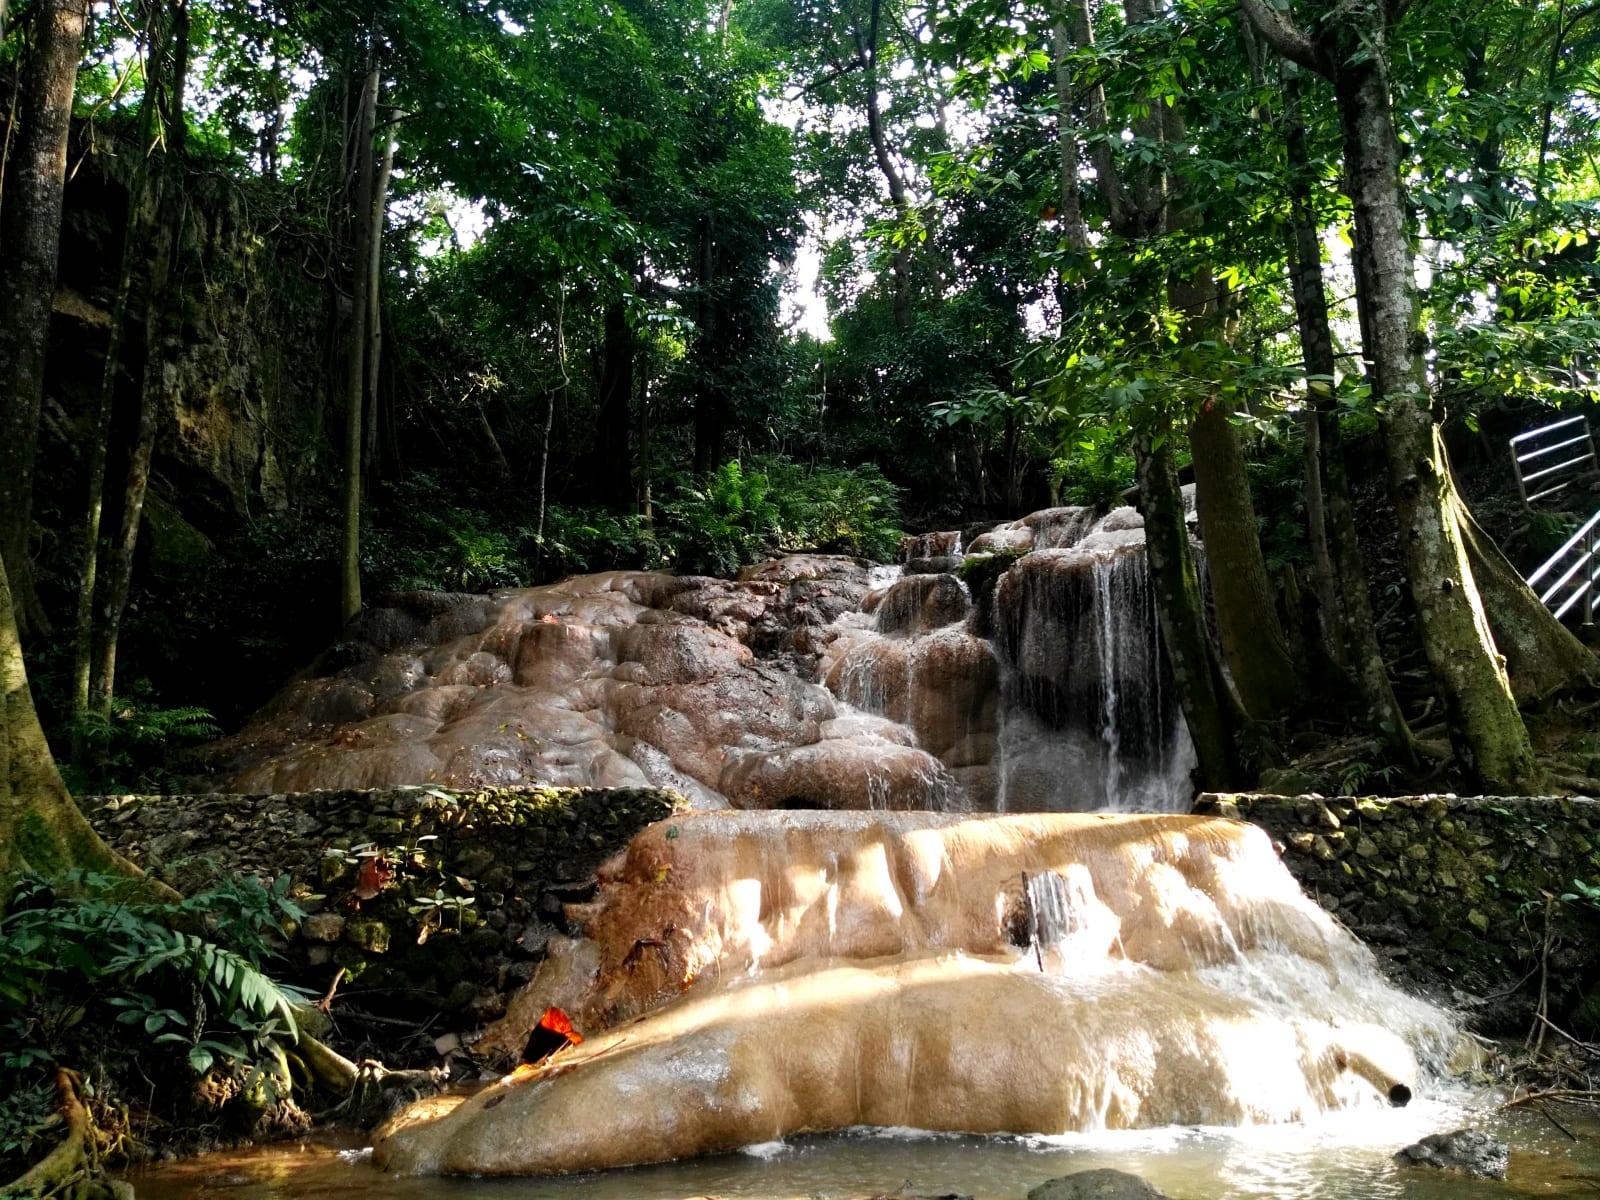 Vodopády na konci hlavní cesty, Hin Pha Ngam Park, Loei, Thajsko